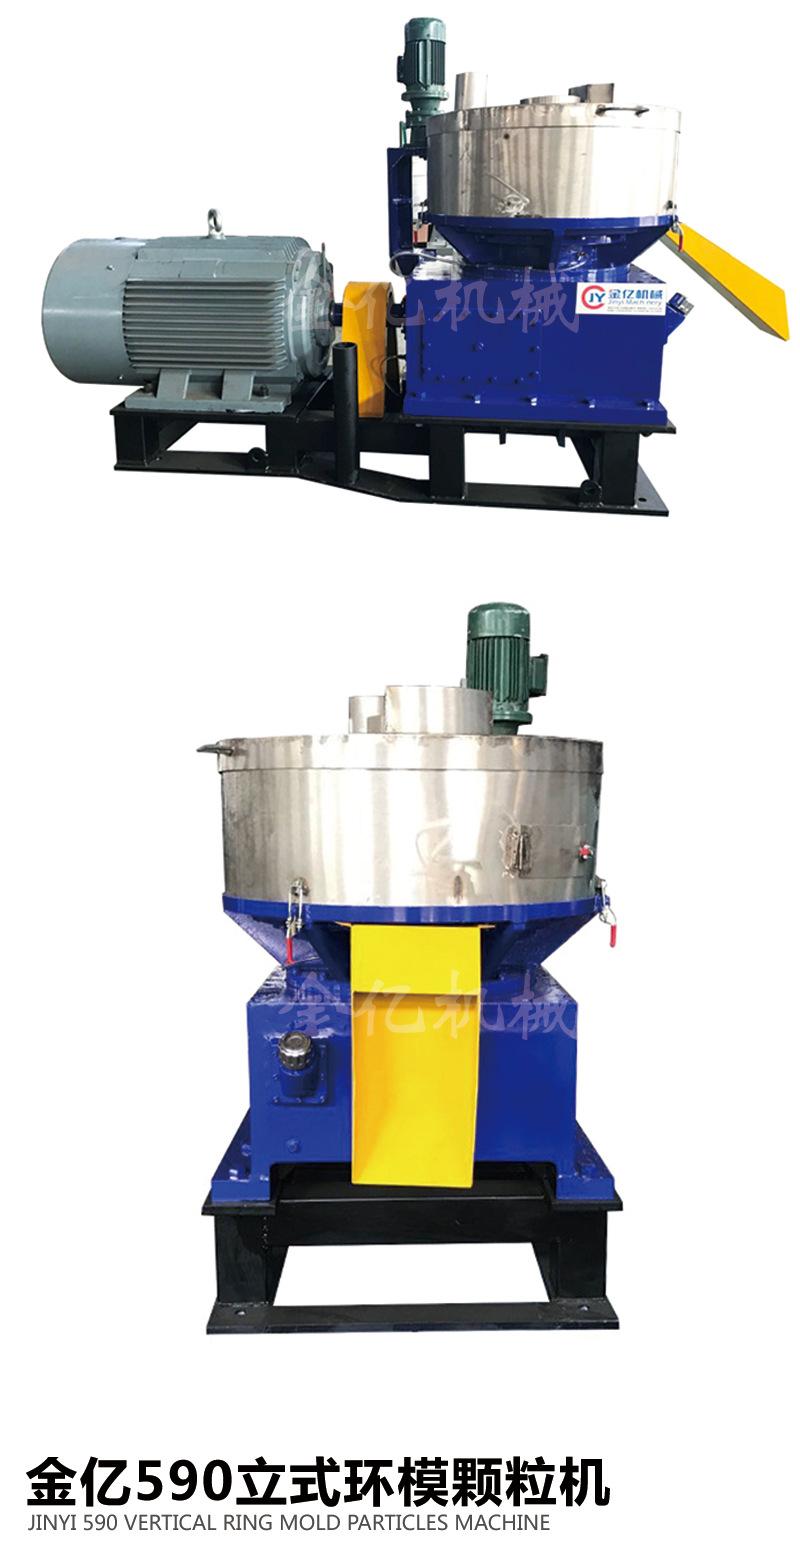 苏州小型秸秆颗粒机价格_小型其他农业机械-溧阳市金亿机械有限公司